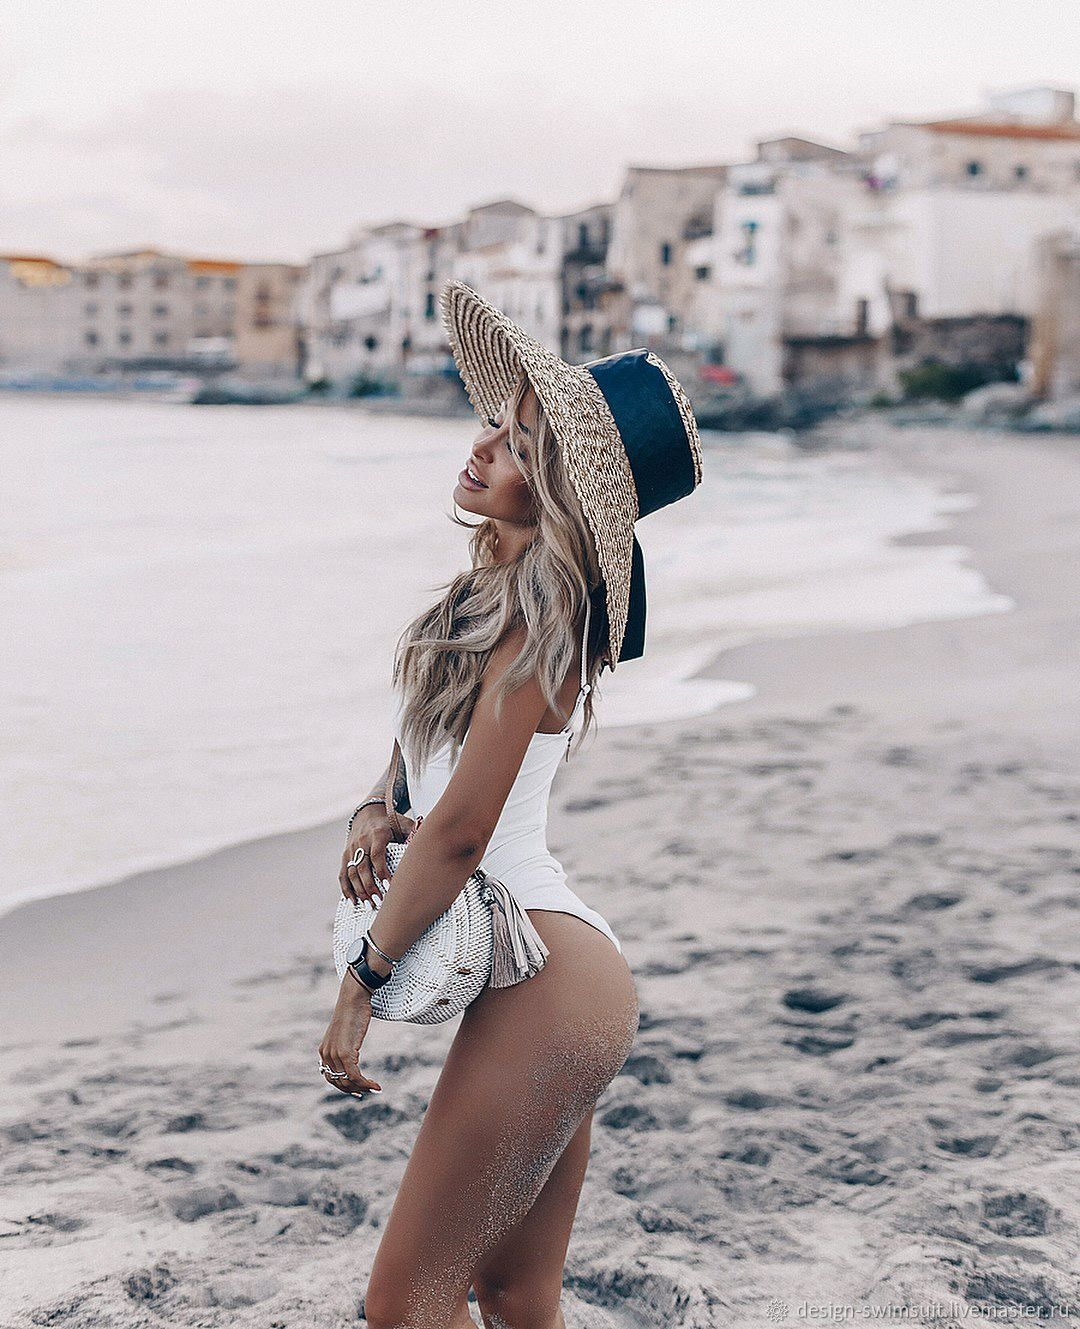 Шляпы ручной работы. Ярмарка Мастеров - ручная работа. Купить Соломенная шляпа С объемным плетением поля 17 см. Handmade.